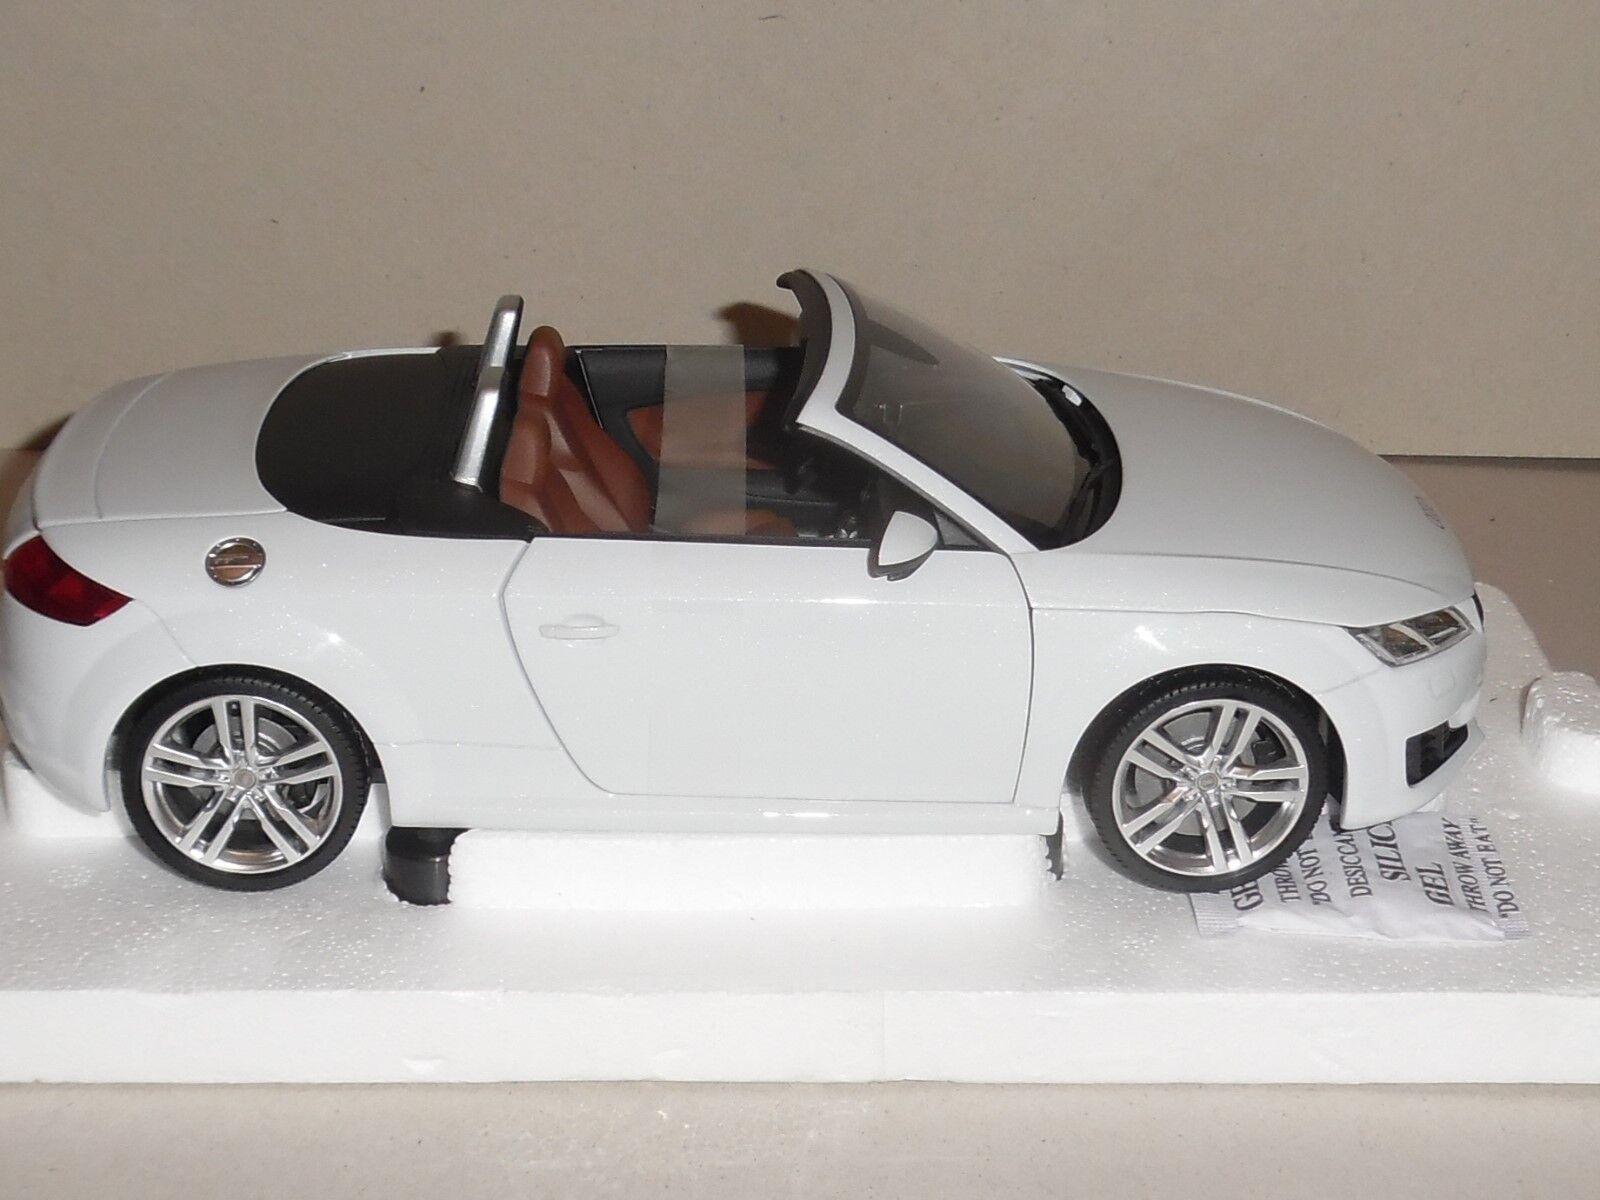 MINICHAMPS. 1 18 SCALE, AUDI TT ROADSTER 2014 GLACIER WHITE AUD 5011400515, NEW